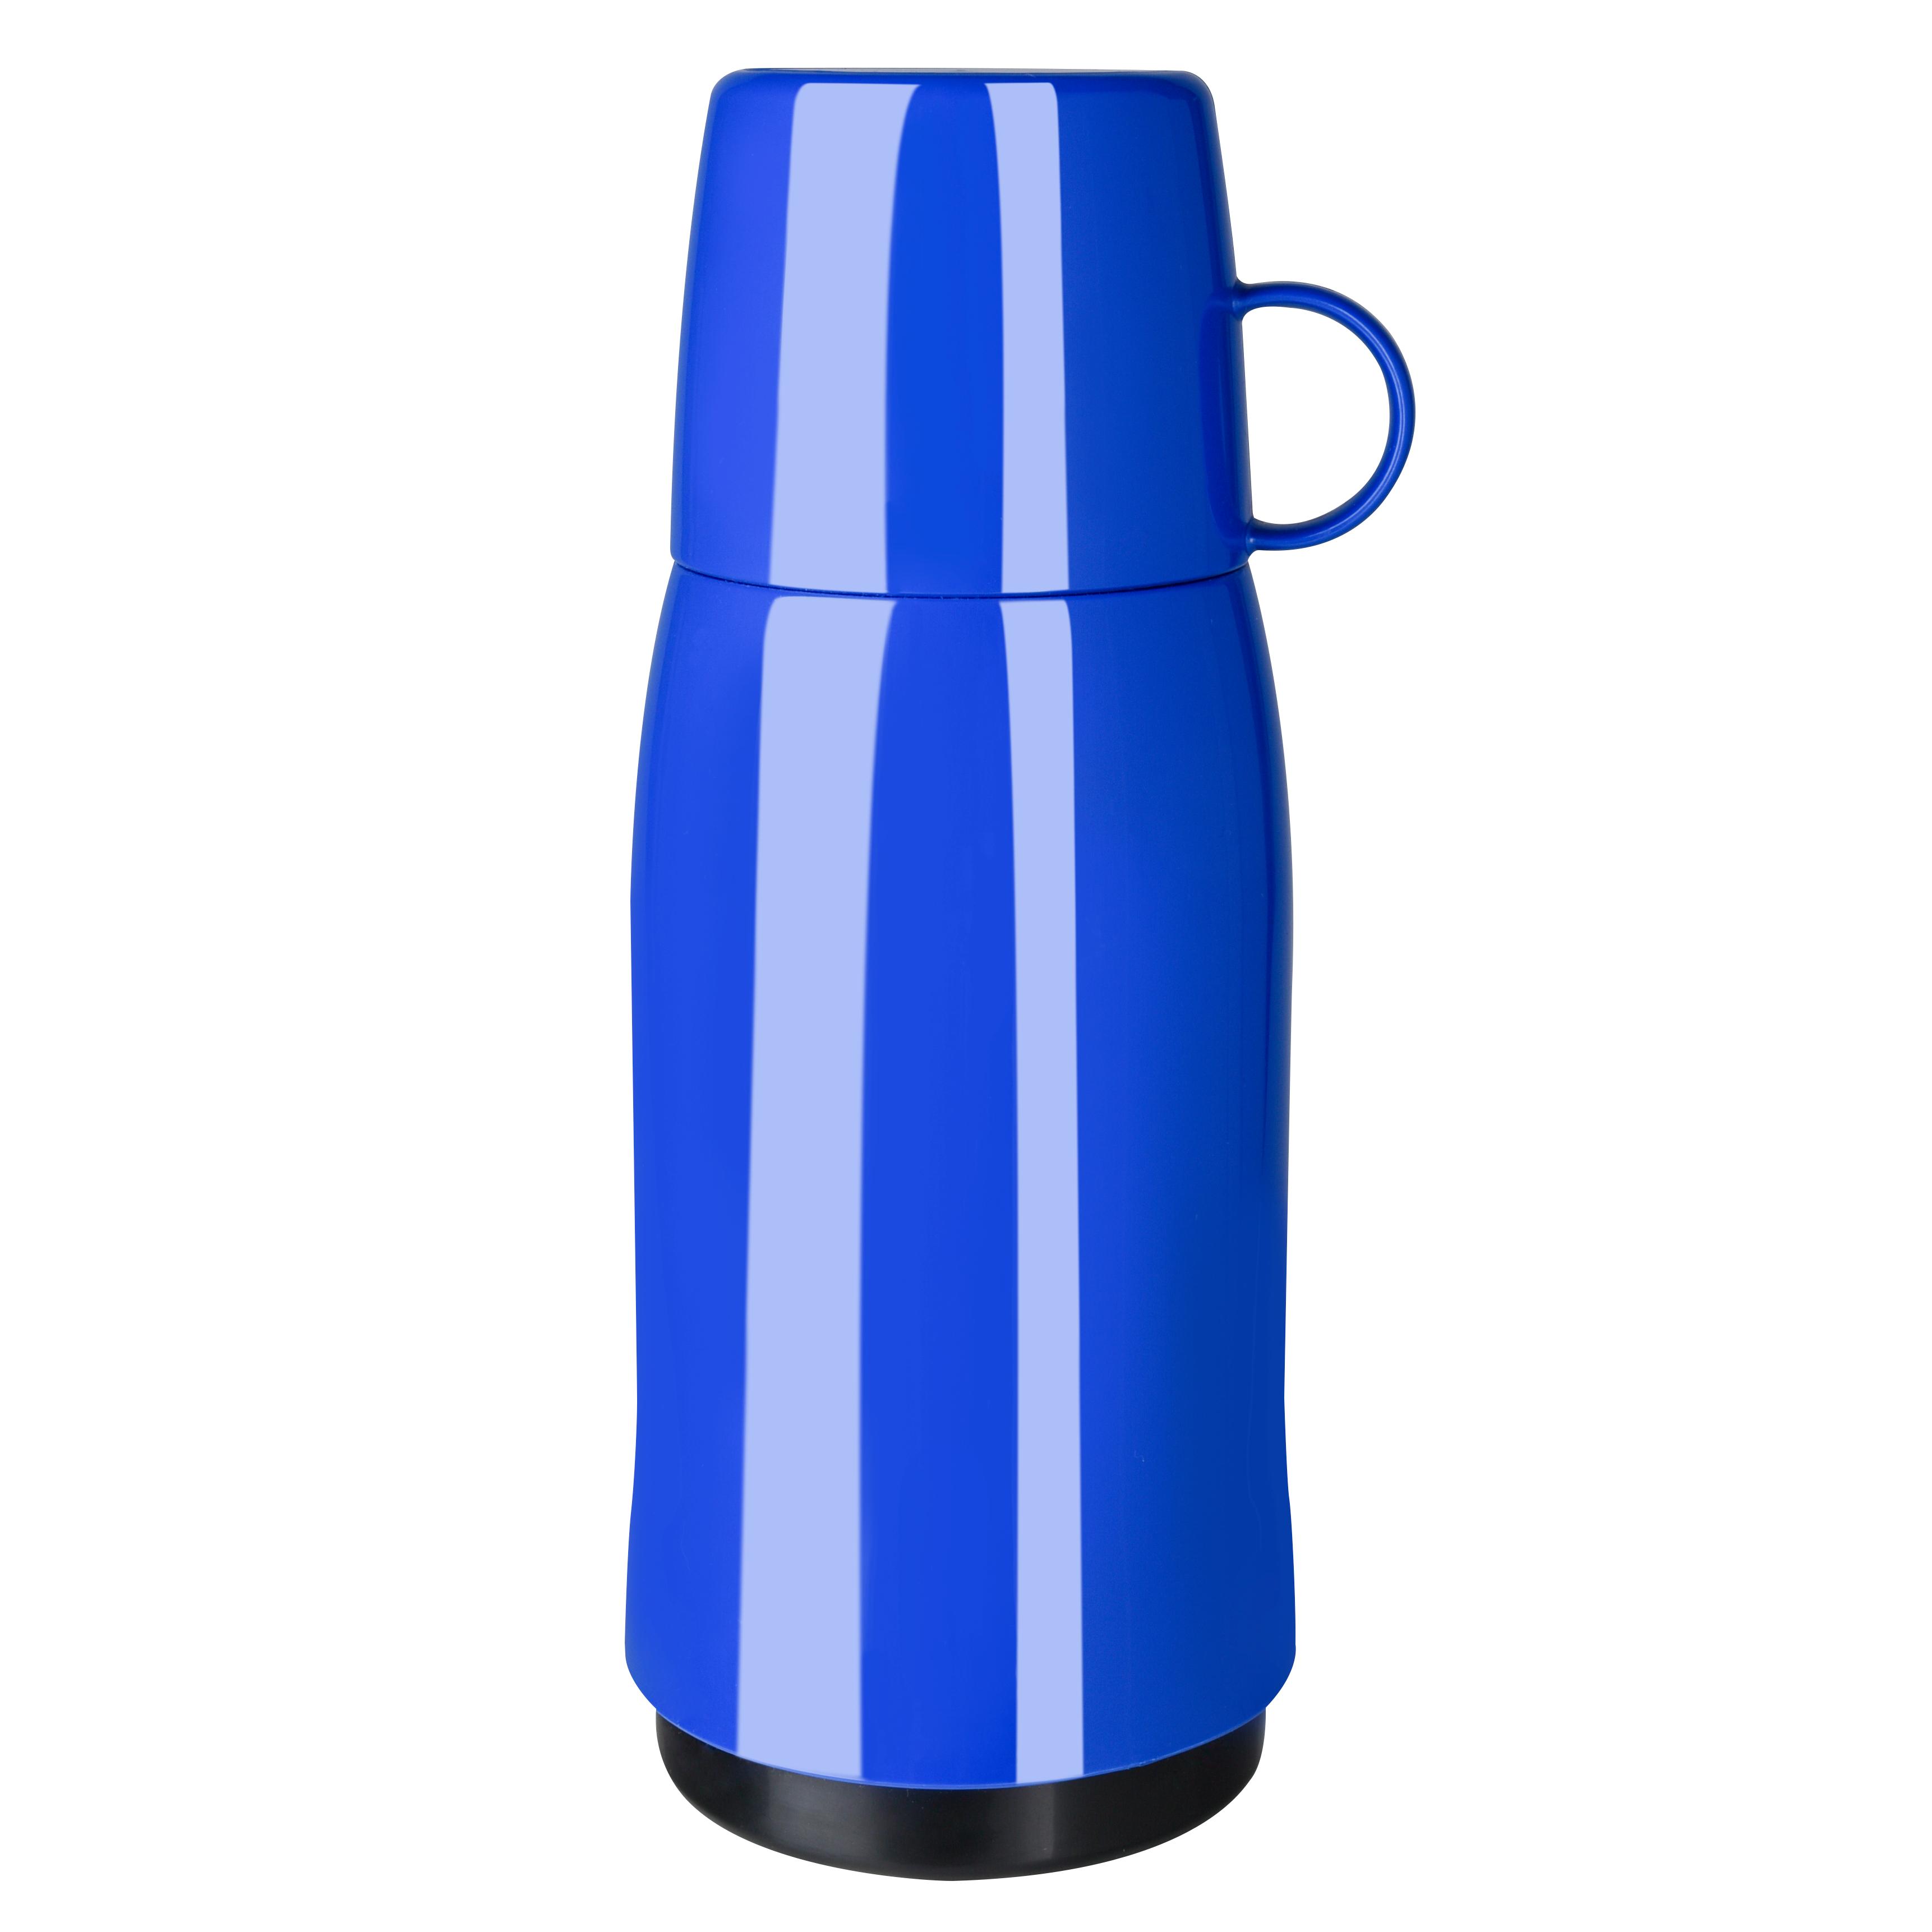 EMSA 502442 ROCKET Isolierflasche 0,5 L Schraubverschluss Blau - mit Becherdeckel - 100 % dicht